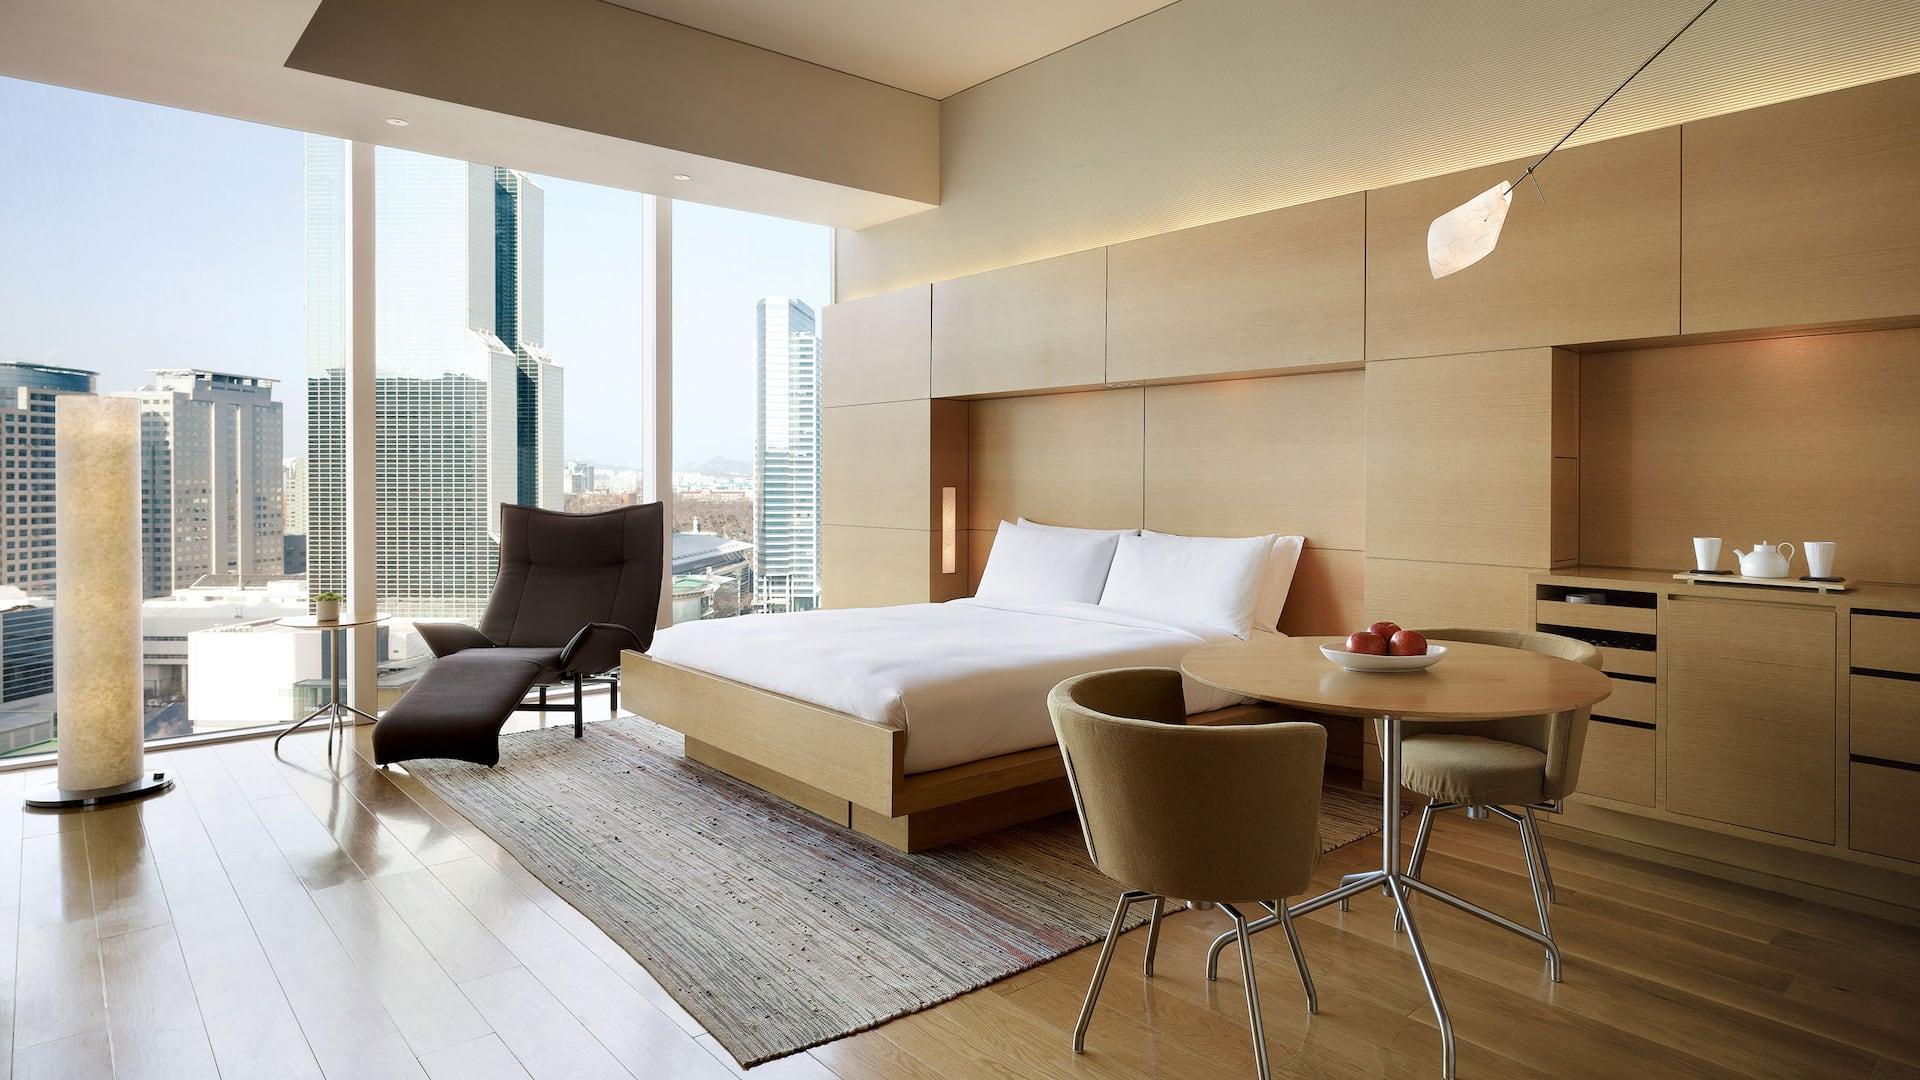 韩国首尔柏悦酒店豪華客房